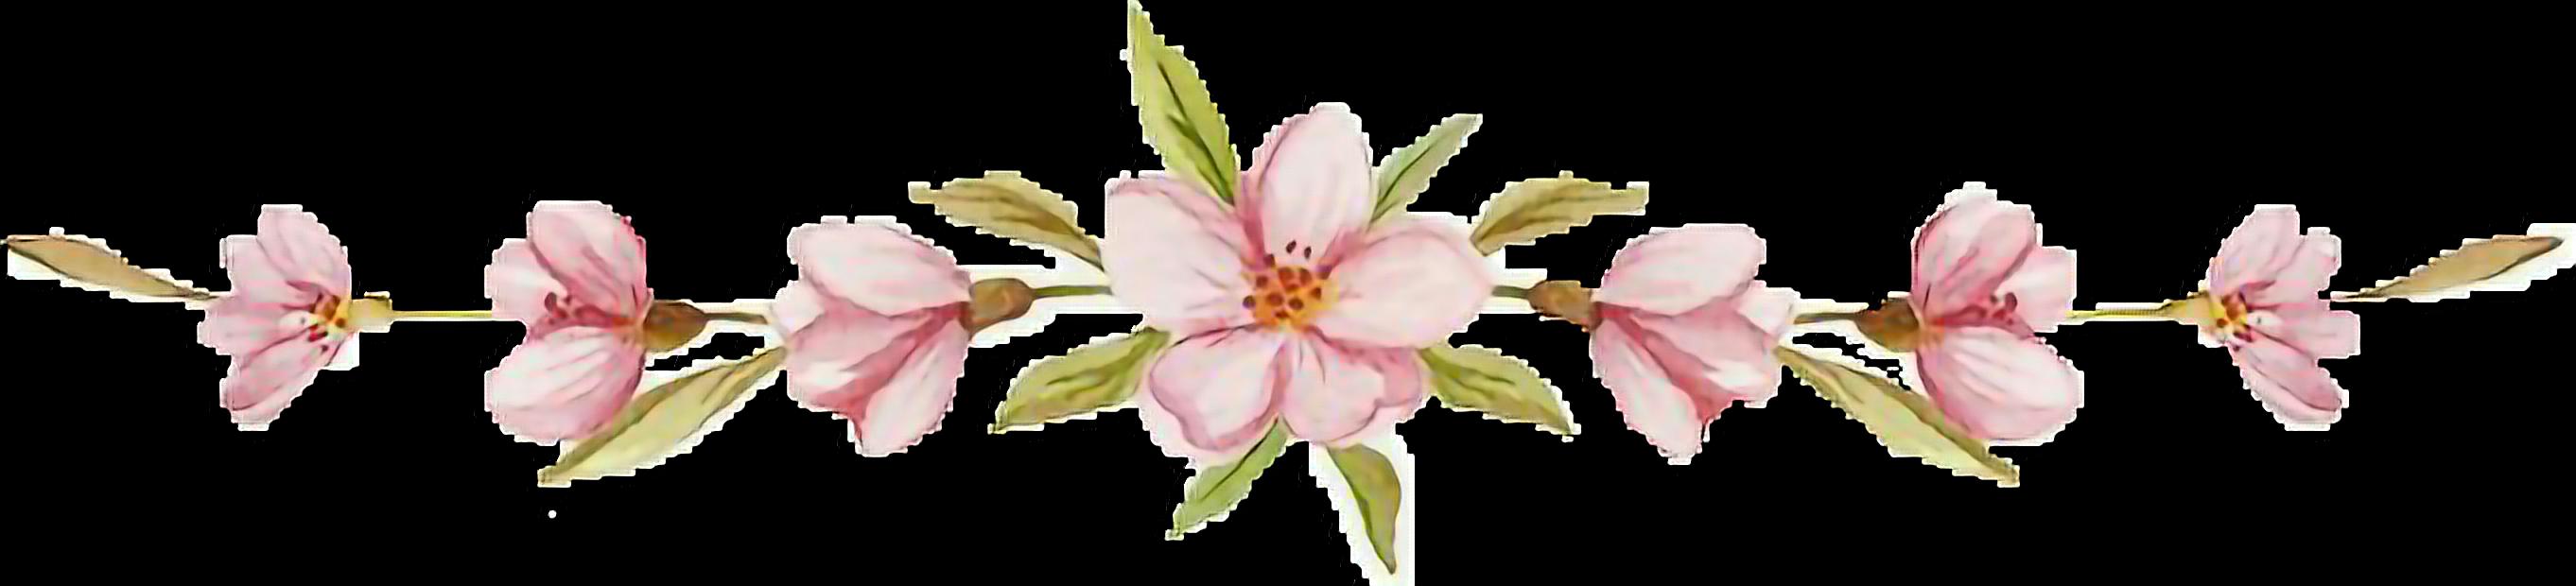 #pink #cherryblossom #flowerslovers #flower